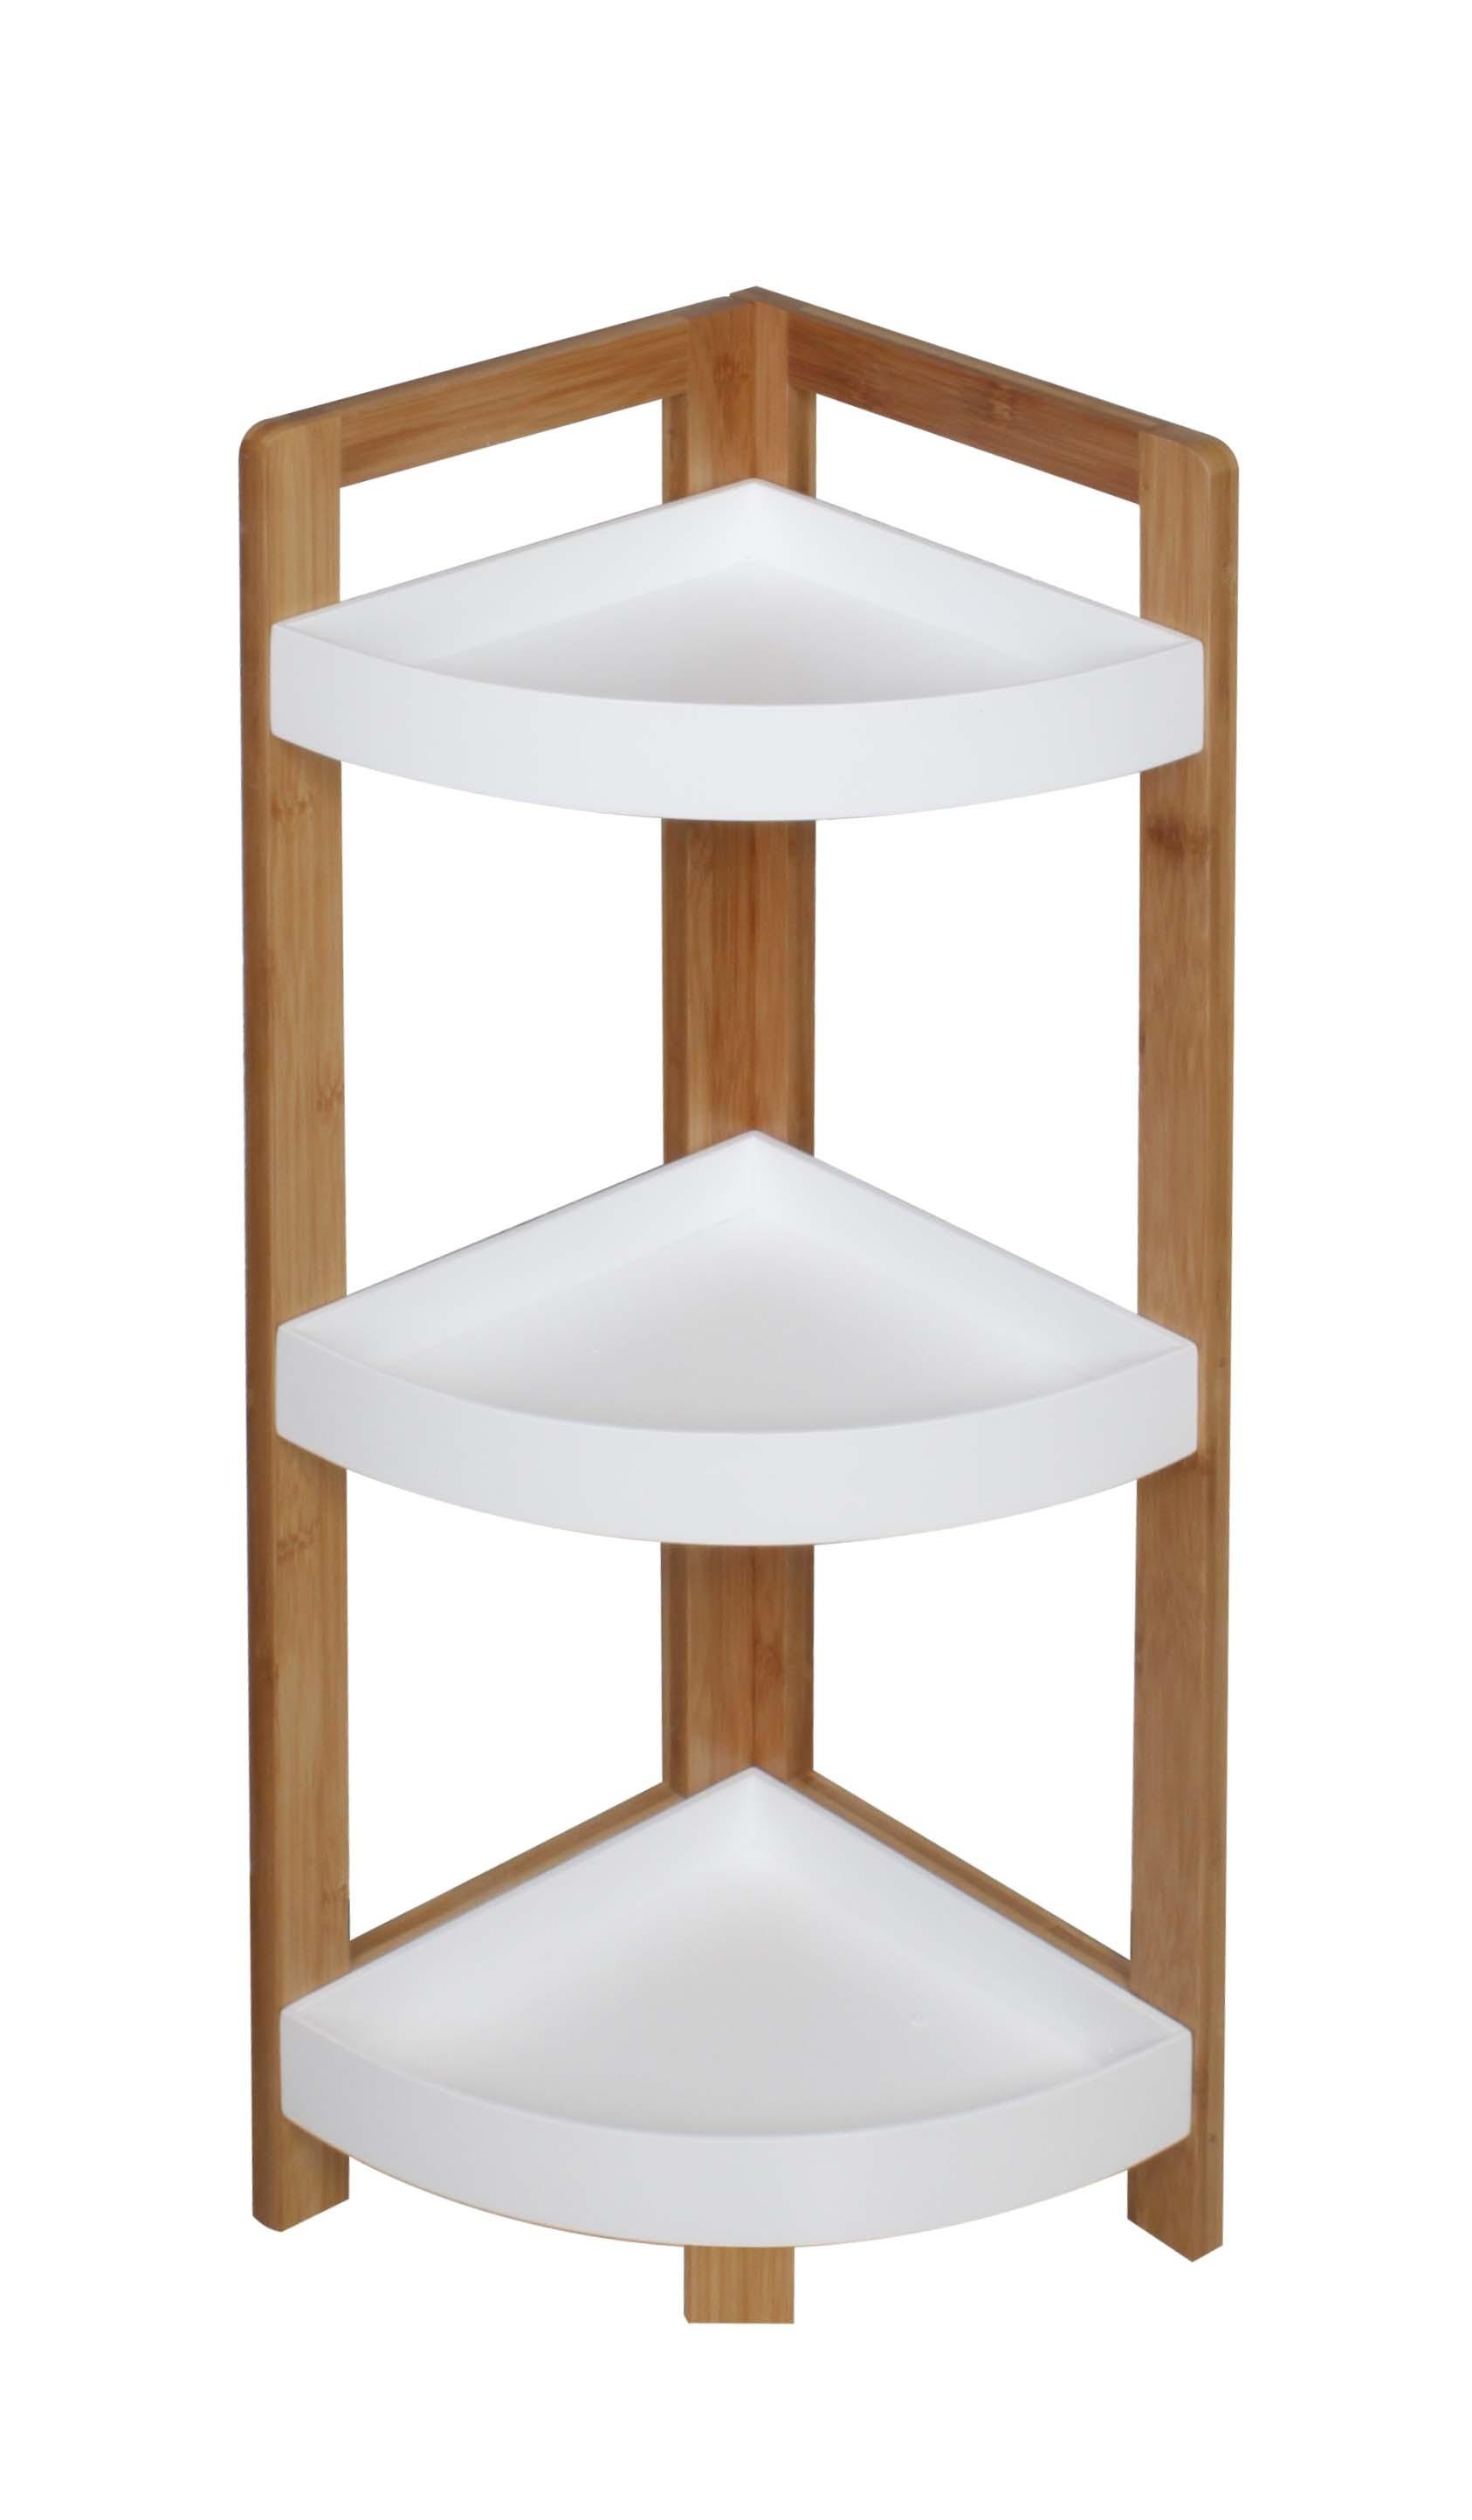 bad eckregal r507 2 bambus weiss h c m bel. Black Bedroom Furniture Sets. Home Design Ideas